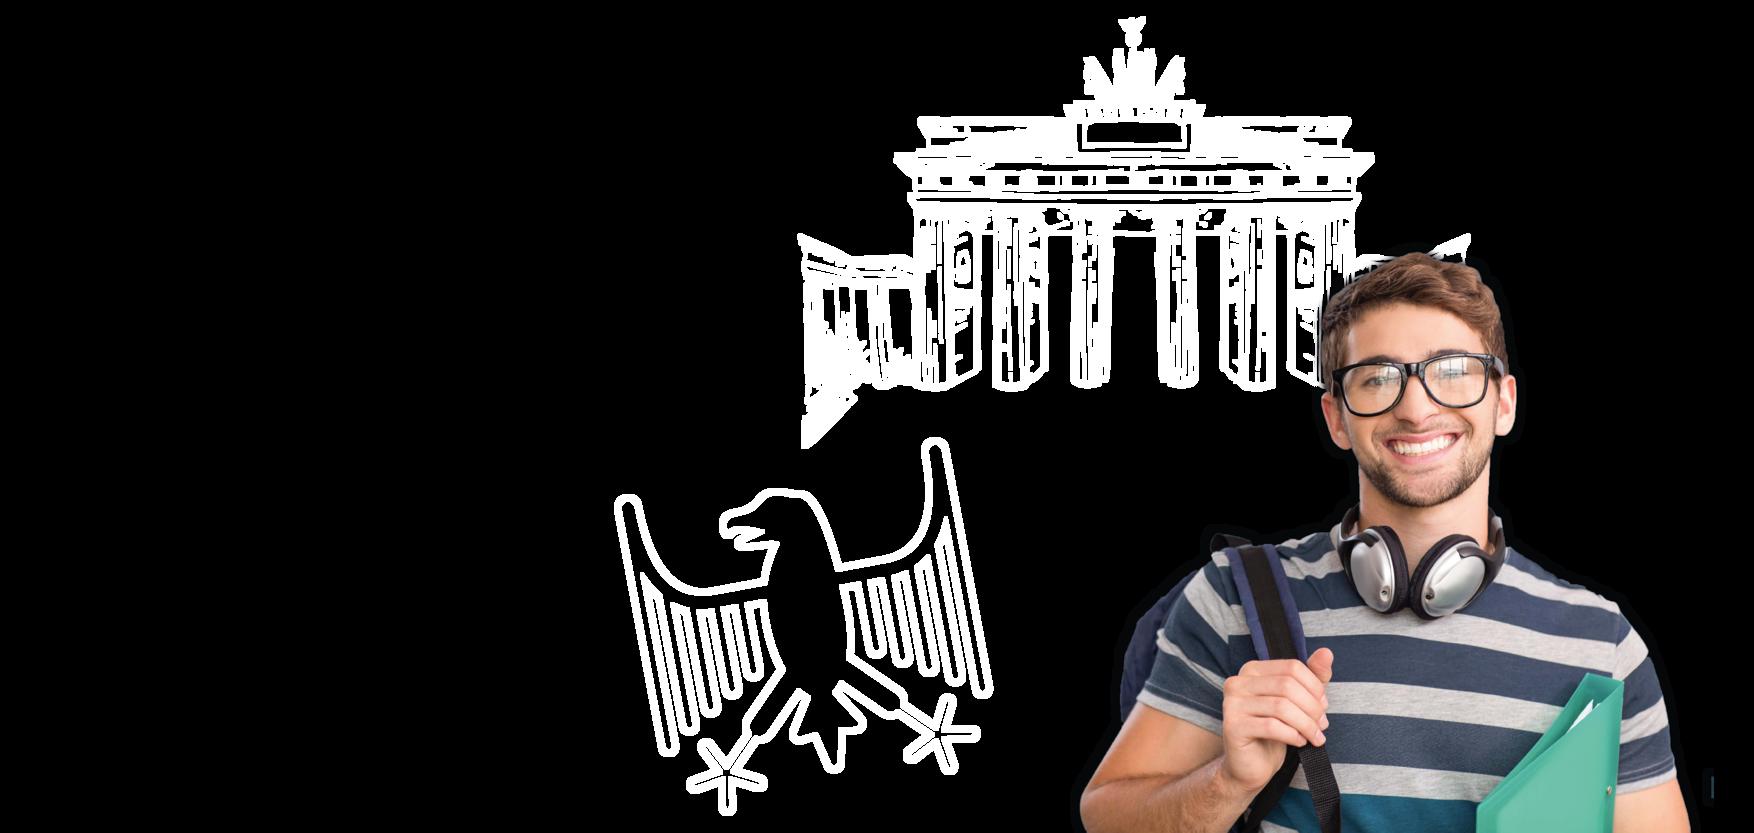 Курсы подготовки к ЕГЭ по немецкому языку в Москве